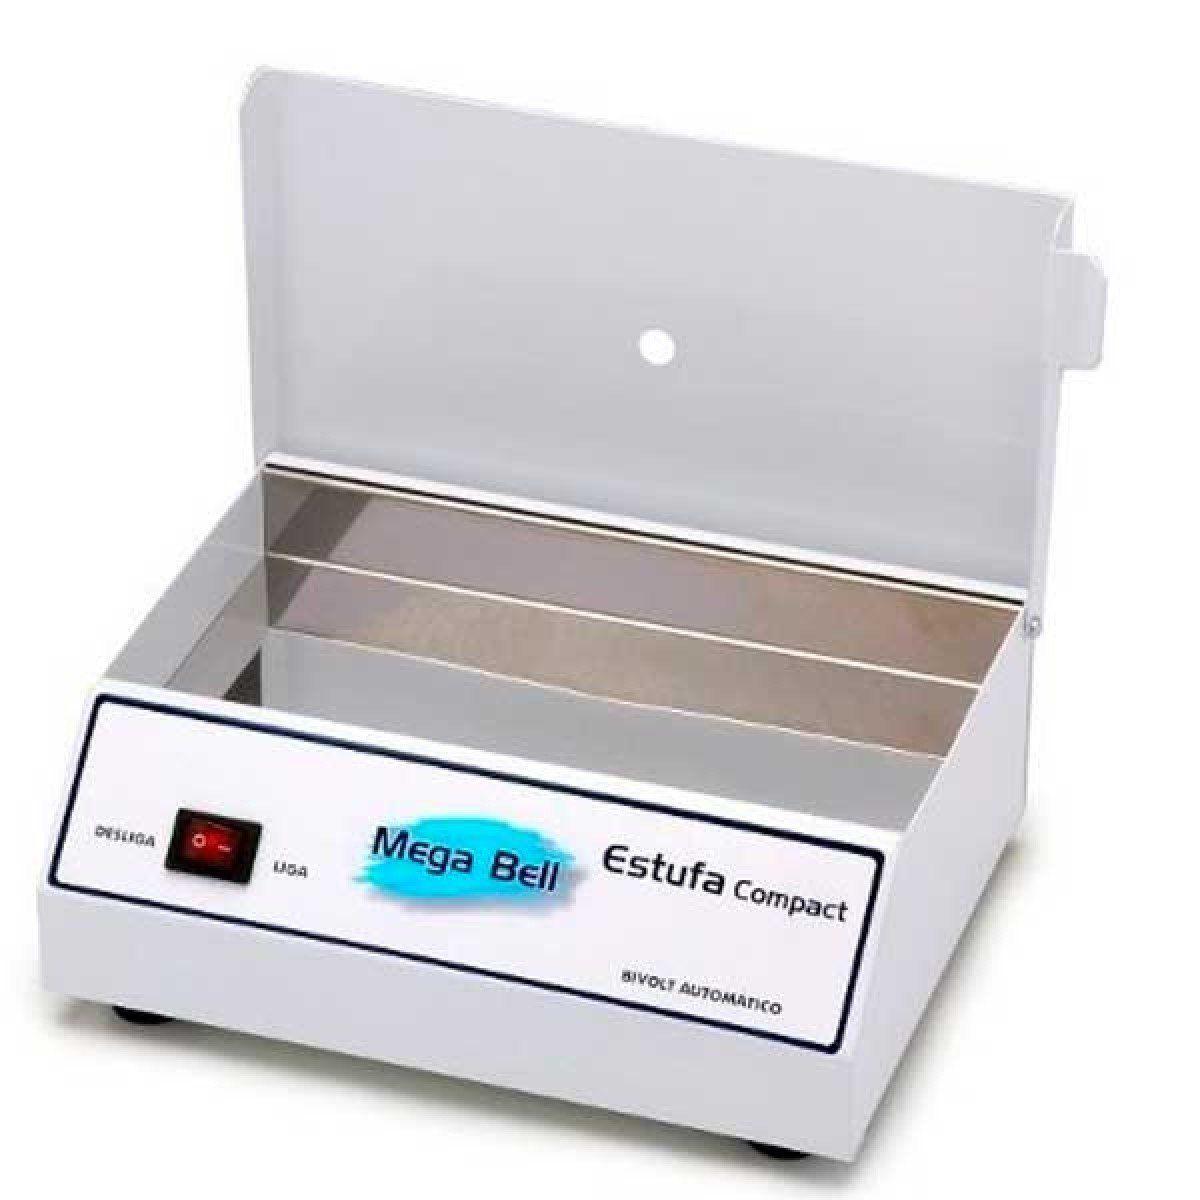 Estufa Compact Esterelix - Mega Bell